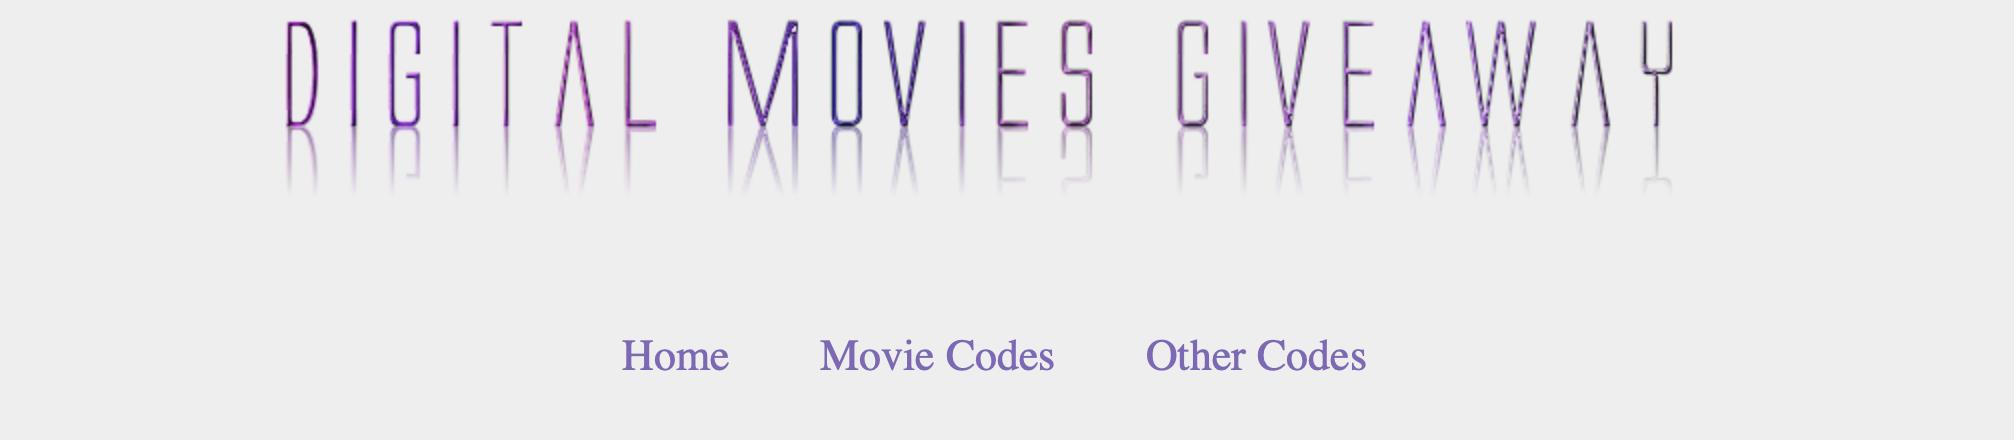 digital-movie-giveaway